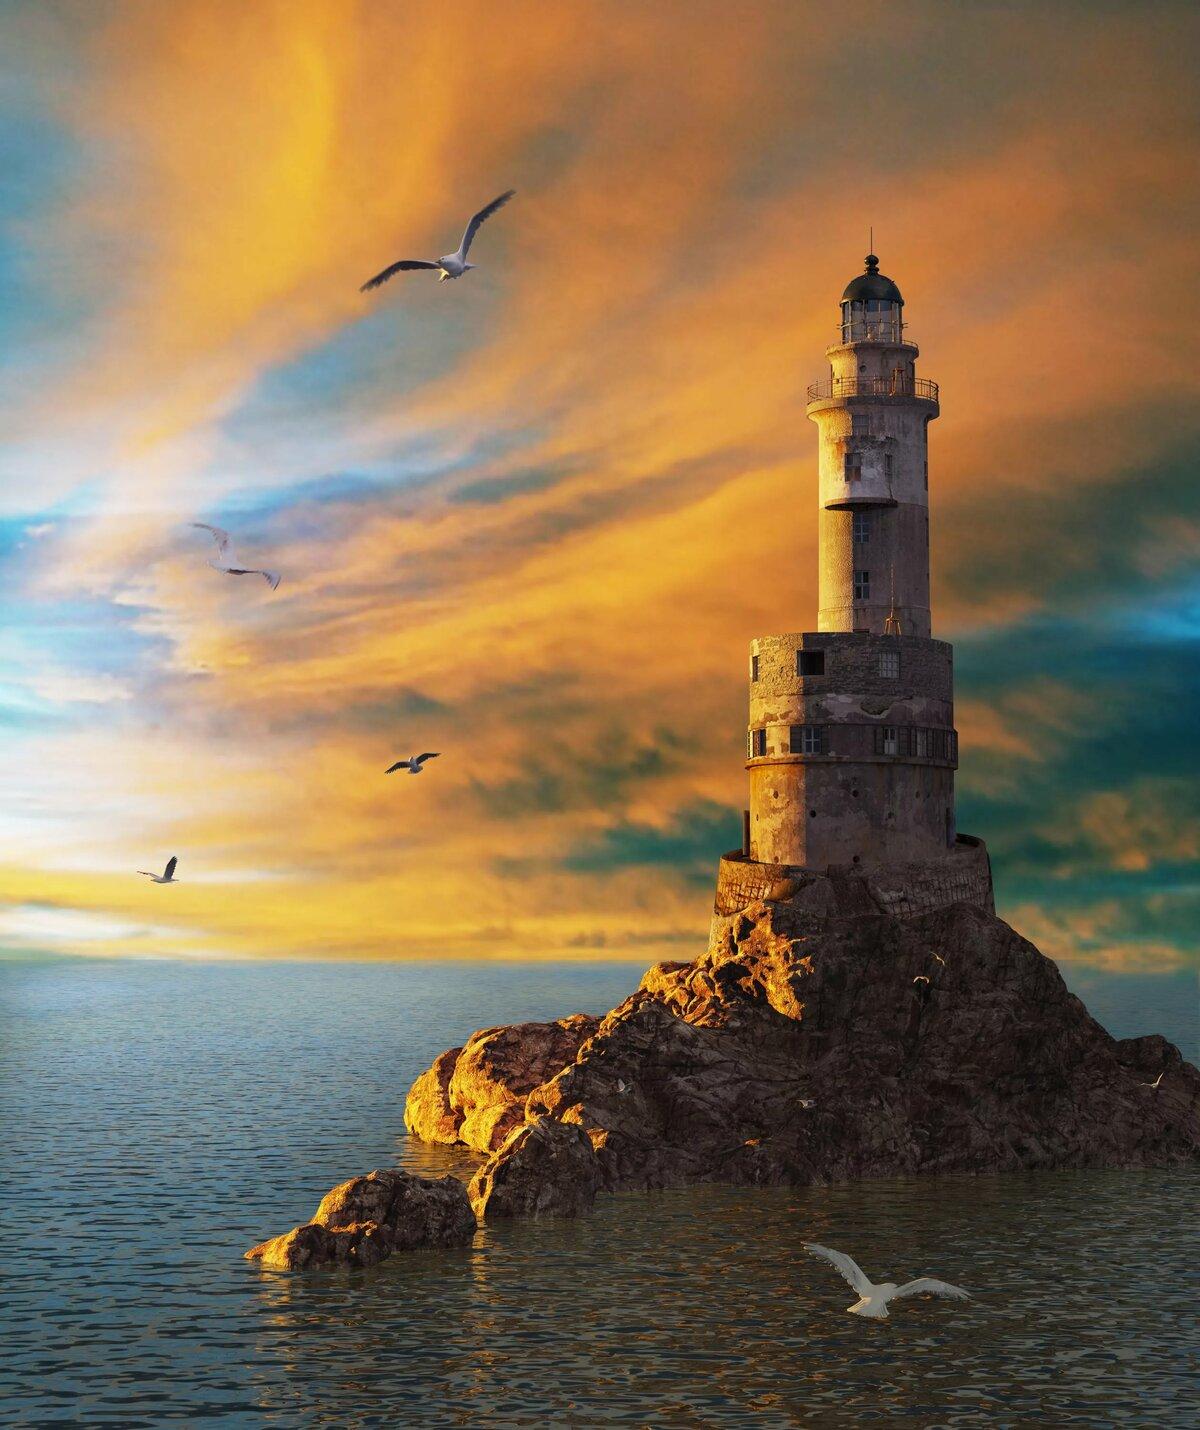 картинки старинных маяков зарубежных поездок